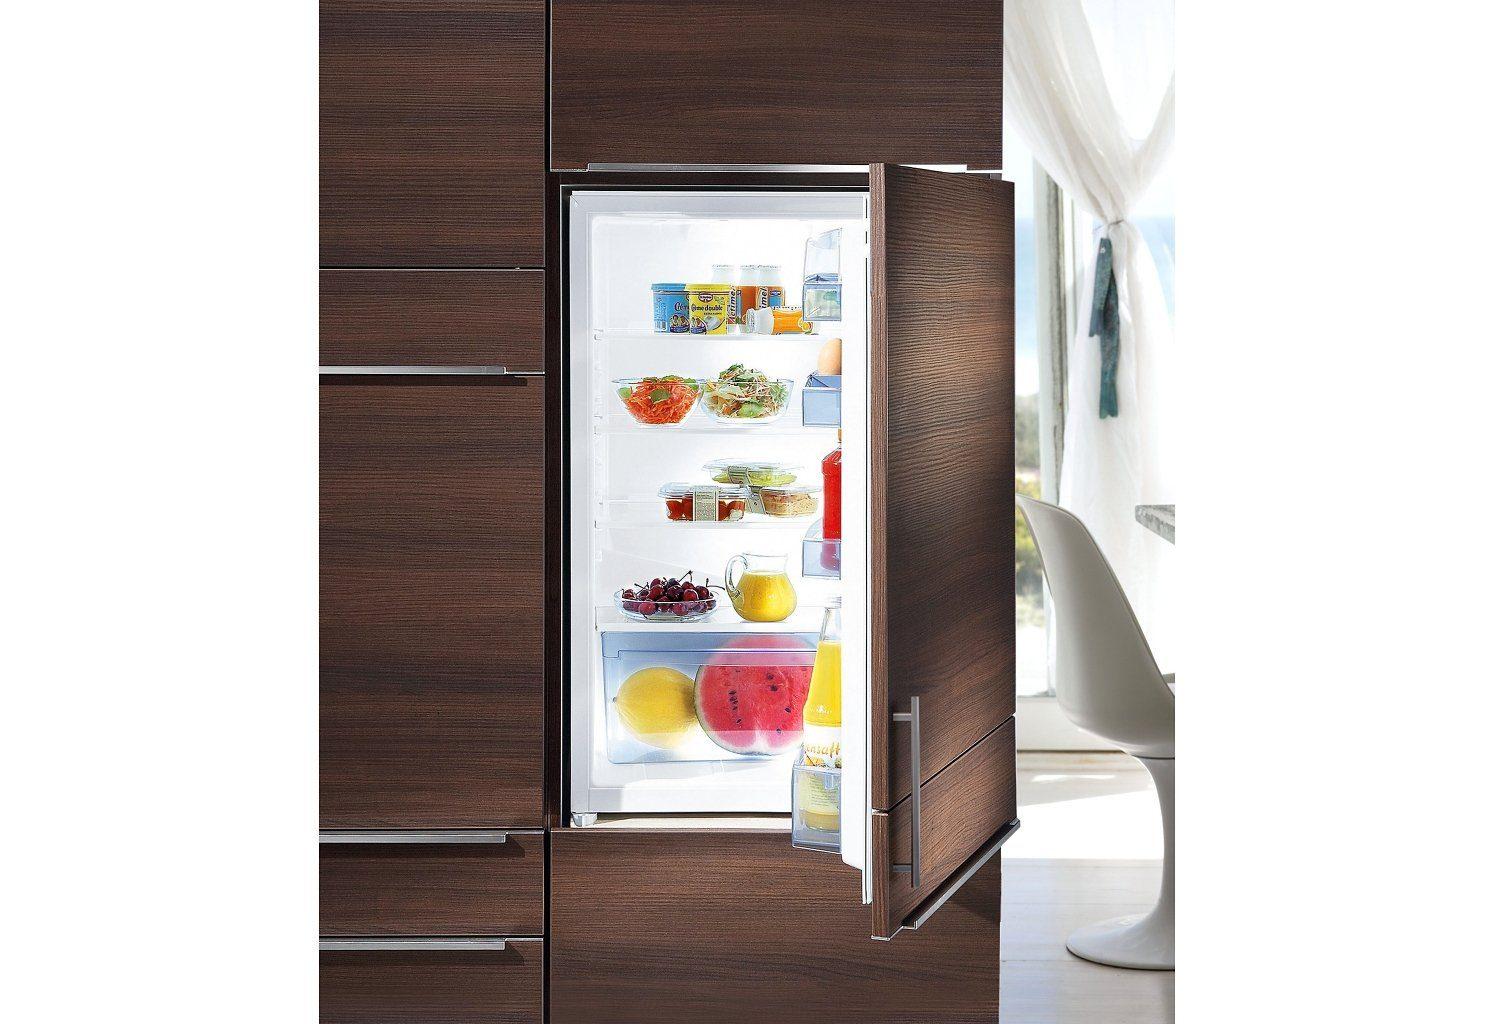 Gorenje Einbau Kühlschrank 122 Cm : Gorenje einbaukühlschrank ri aw cm hoch cm breit